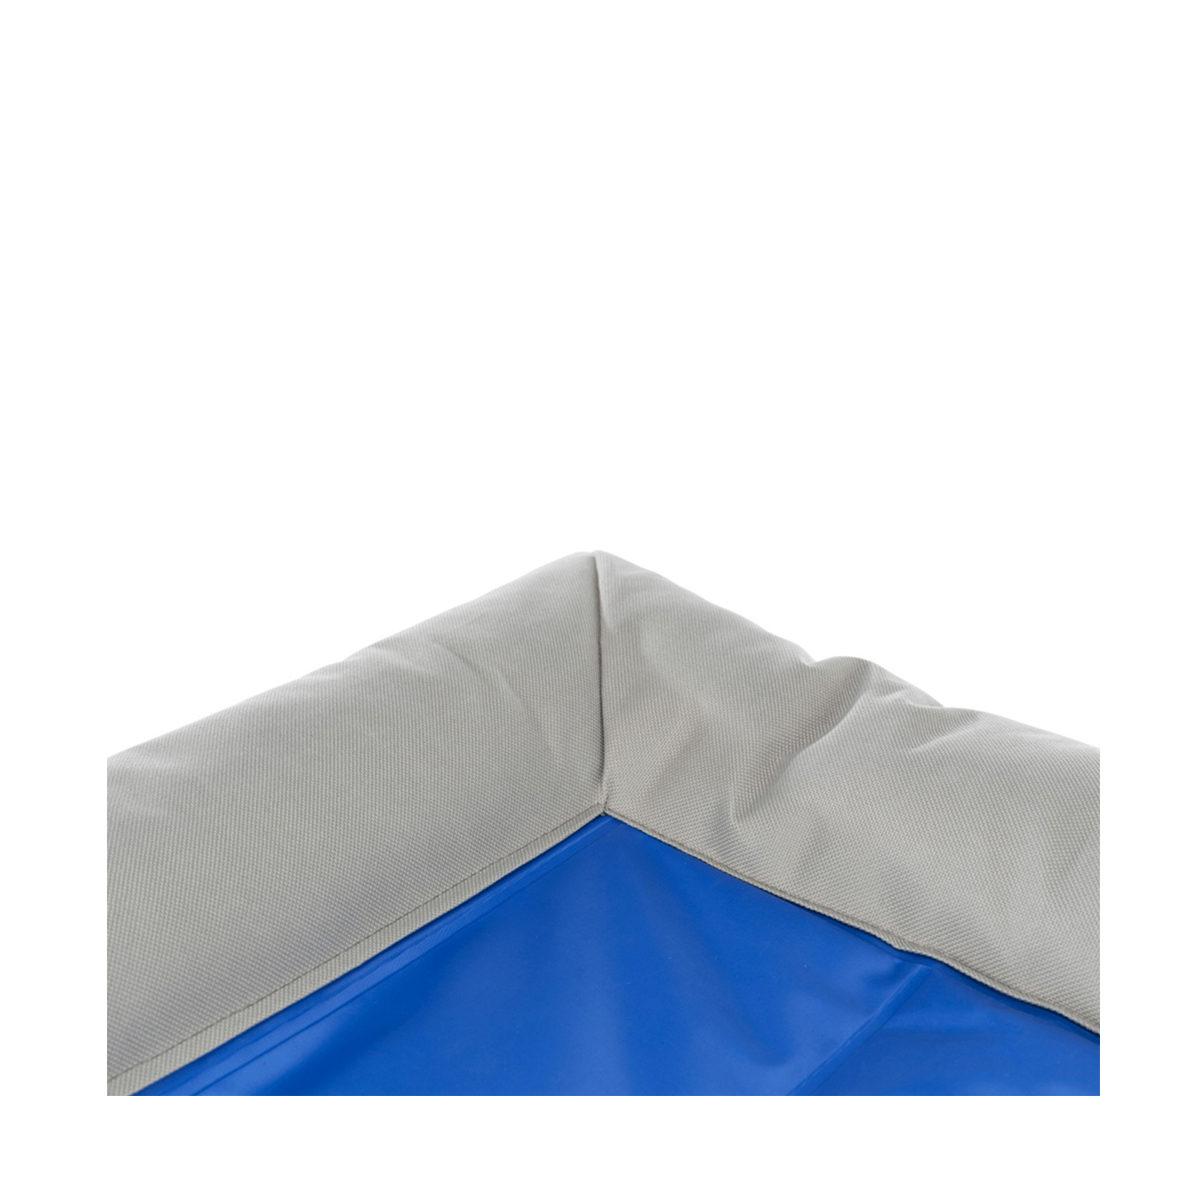 Koelkussen Cool Dreamer 90x55cm Grijs-Blauw - in Hondenmanden & Hondenkussens